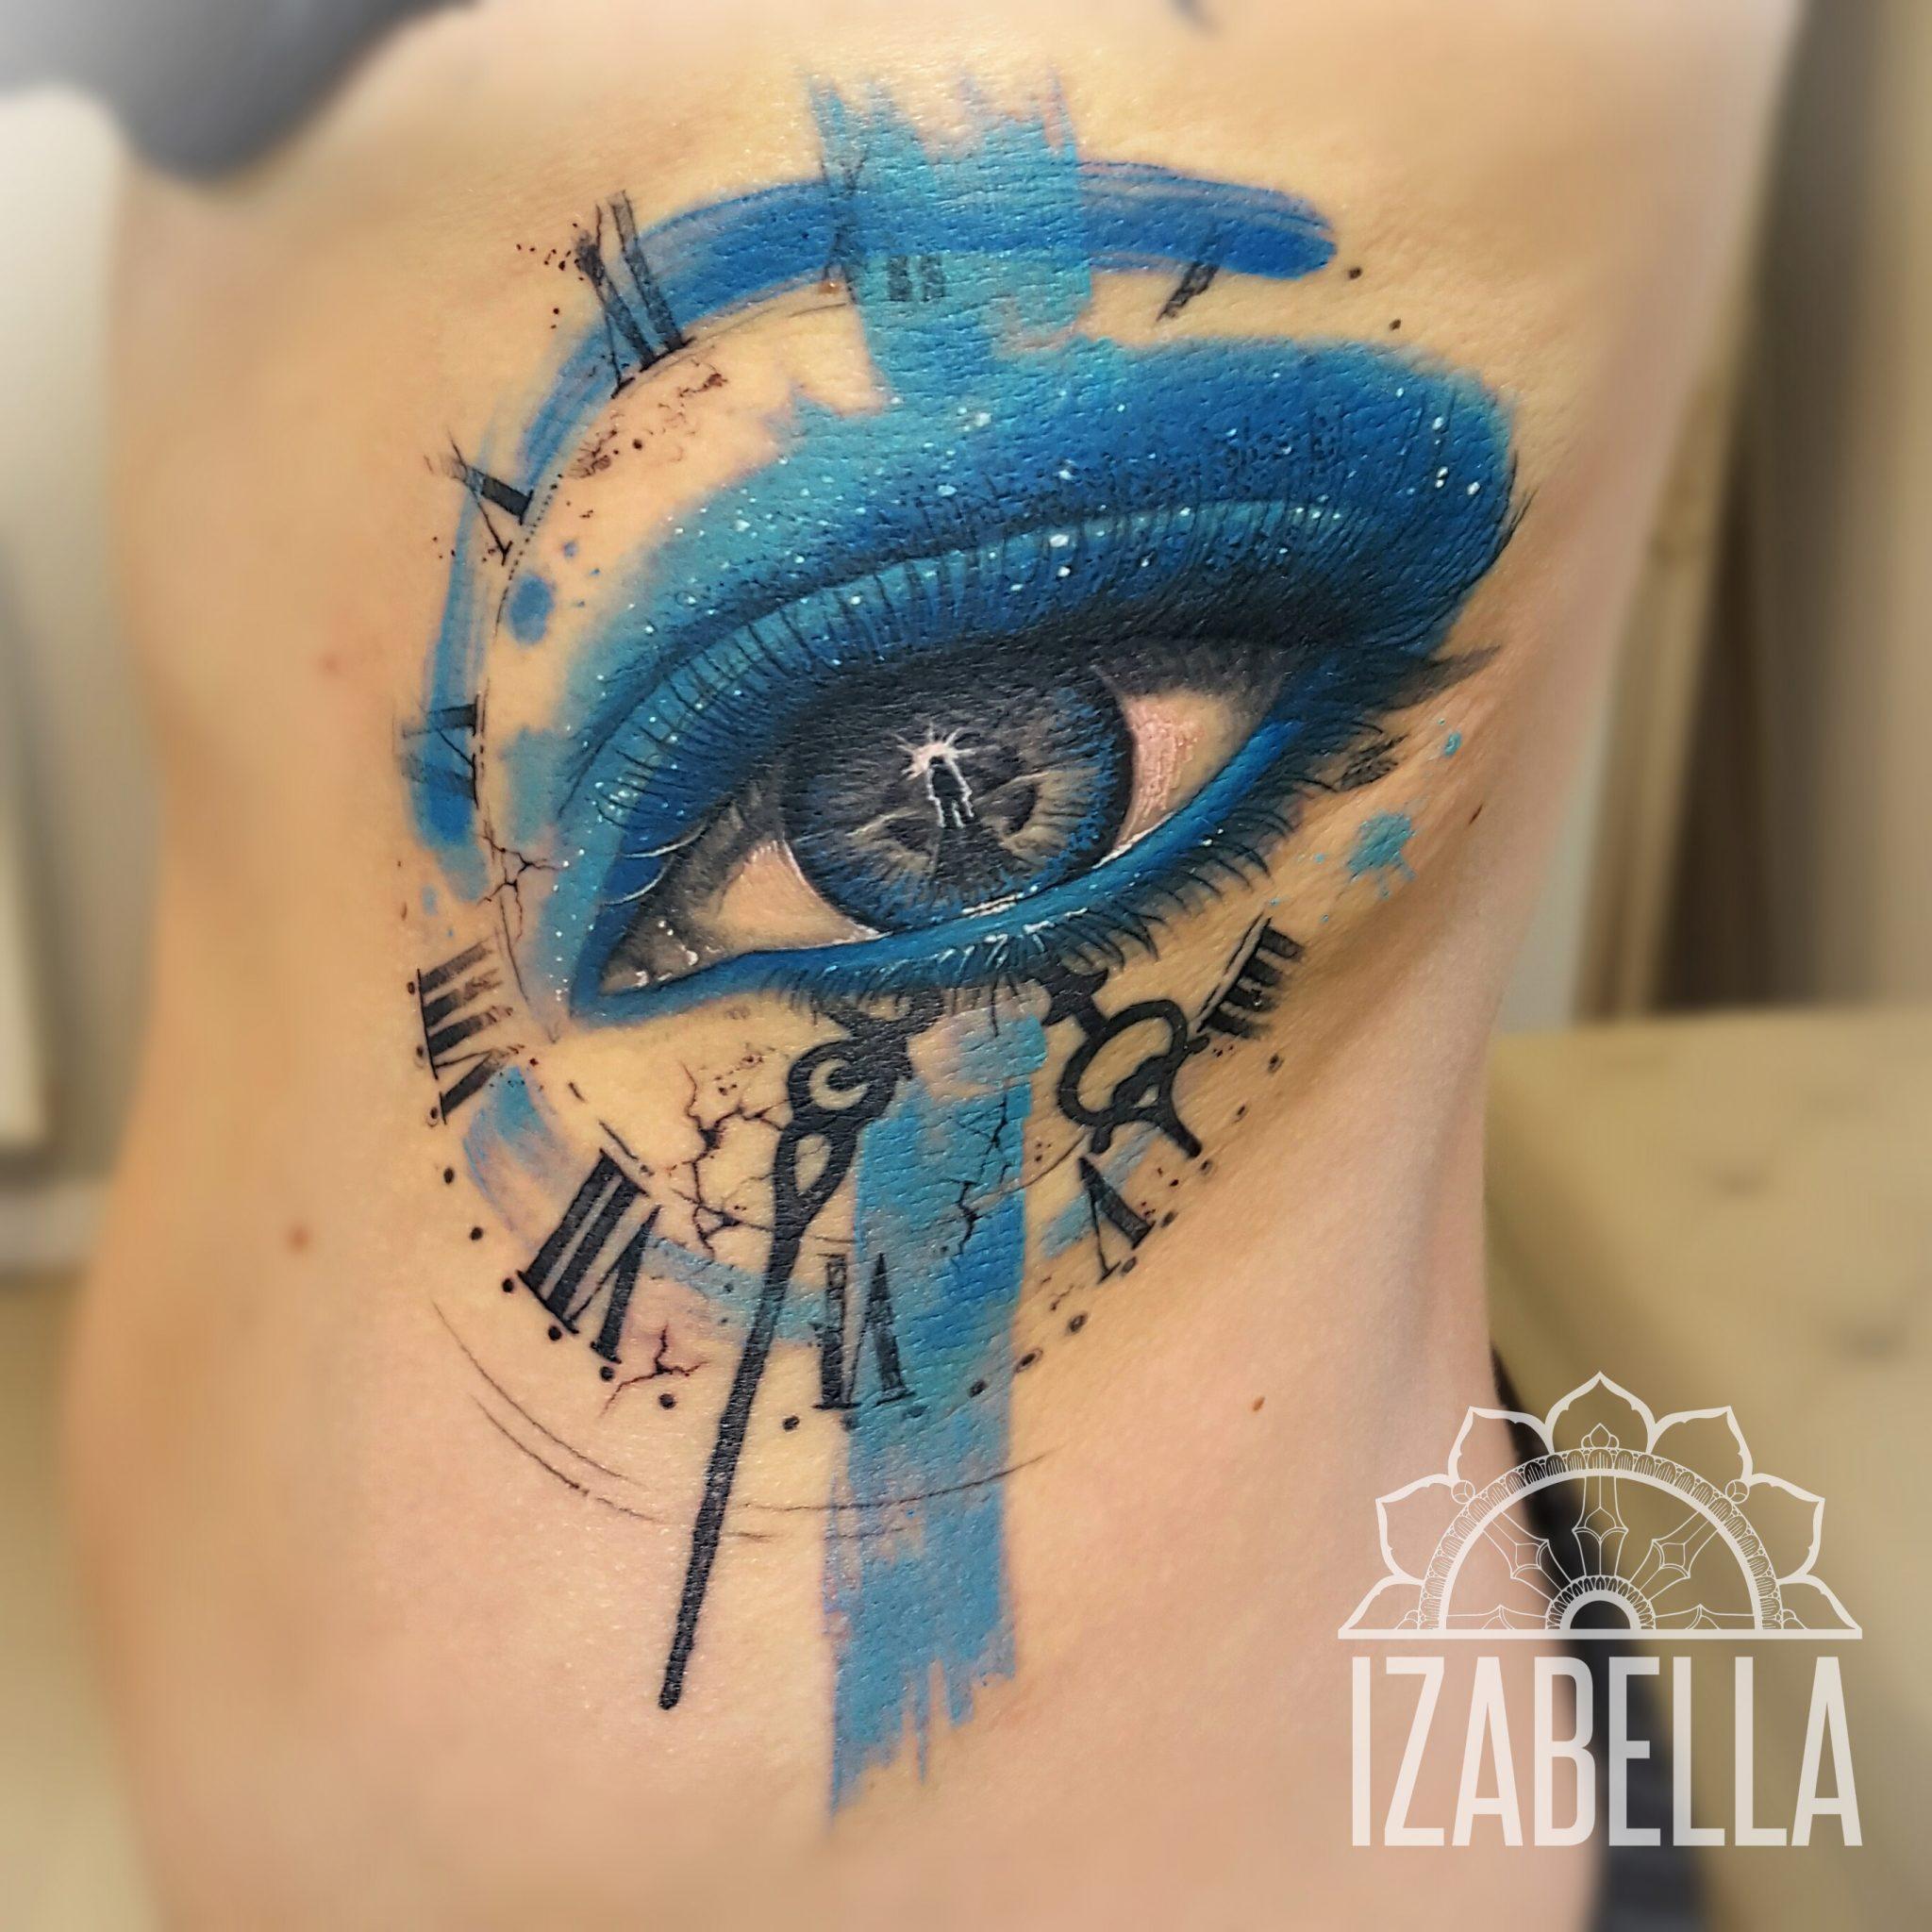 Oko Zegar Eye Clock Samsara Tattoo Pracownia Artystyczna